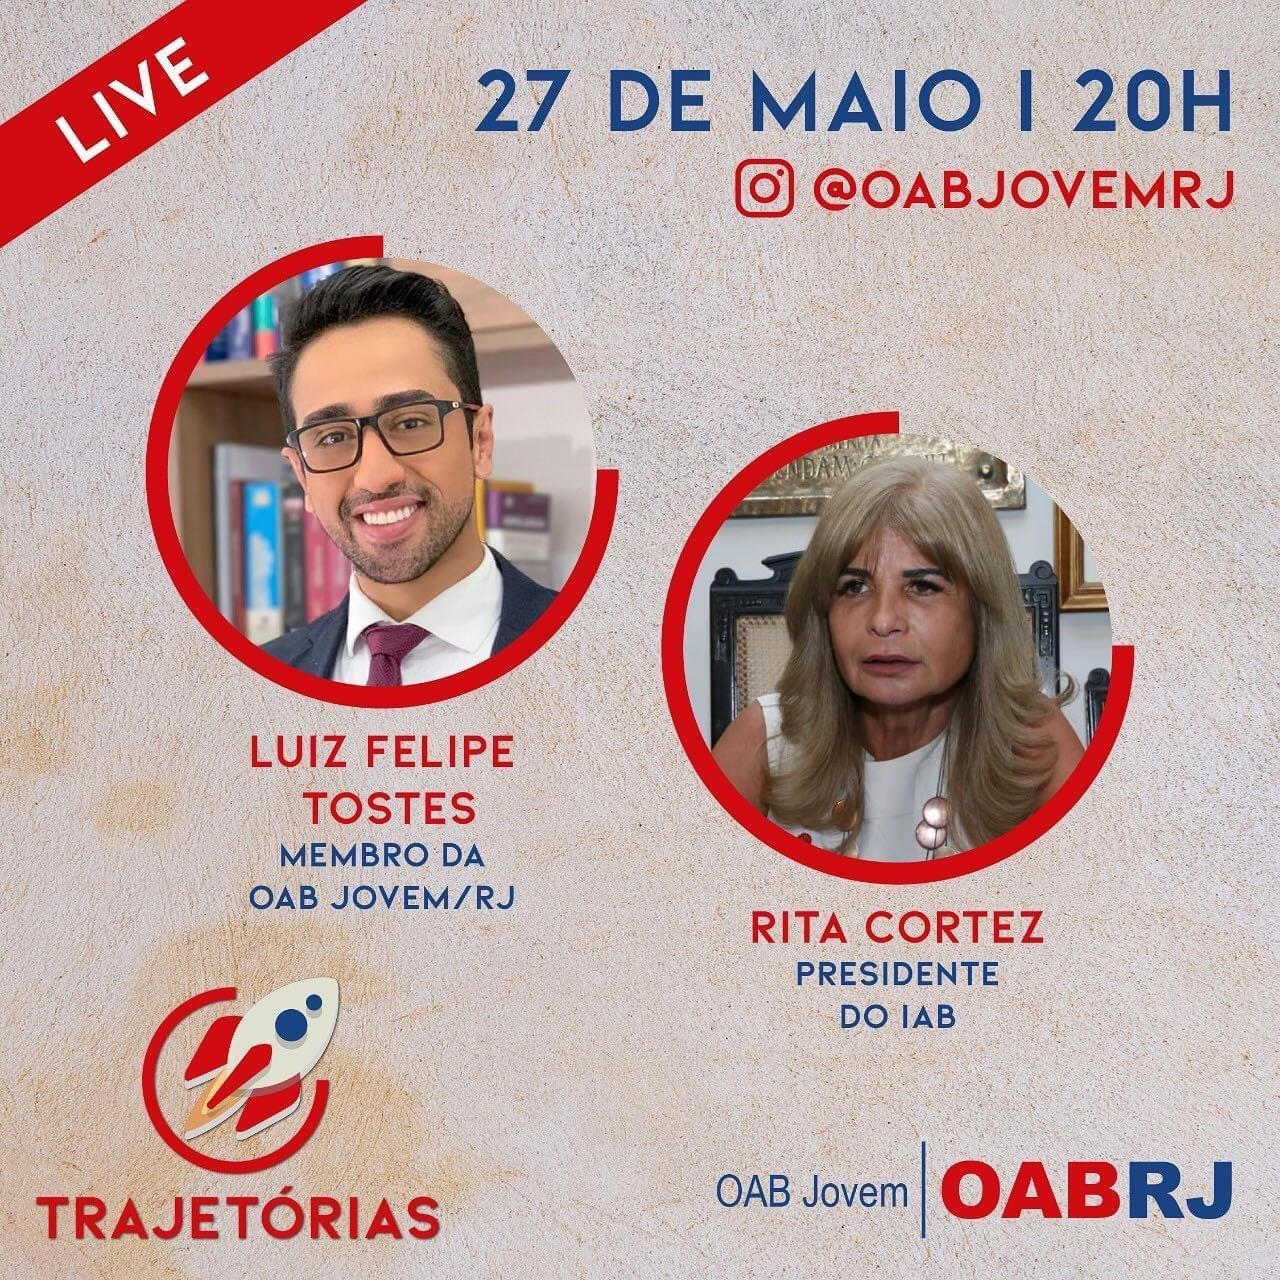 Rita Cortez participará de live no Instagram da OAB/Jovem nesta quarta-feira (27/5), às 20h